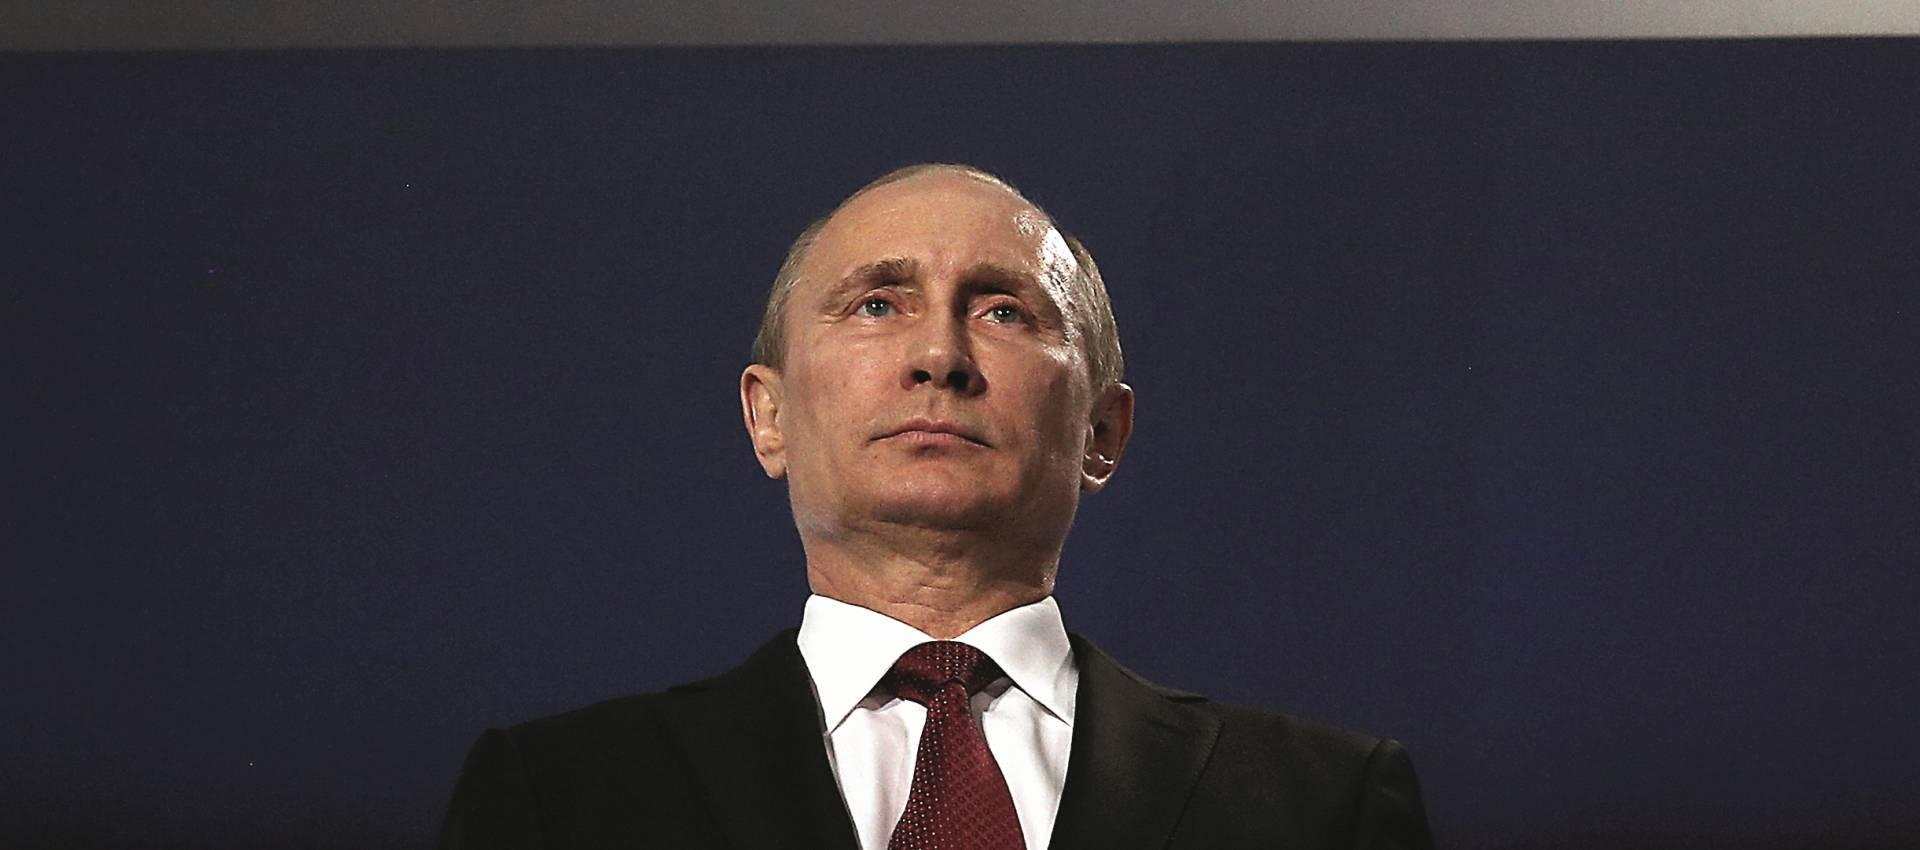 NACIONAL DONOSI: FELJTON Putinov dolazak na vlast uz pomoć obitelji Jeljcin i tajne veze s Abramovičem